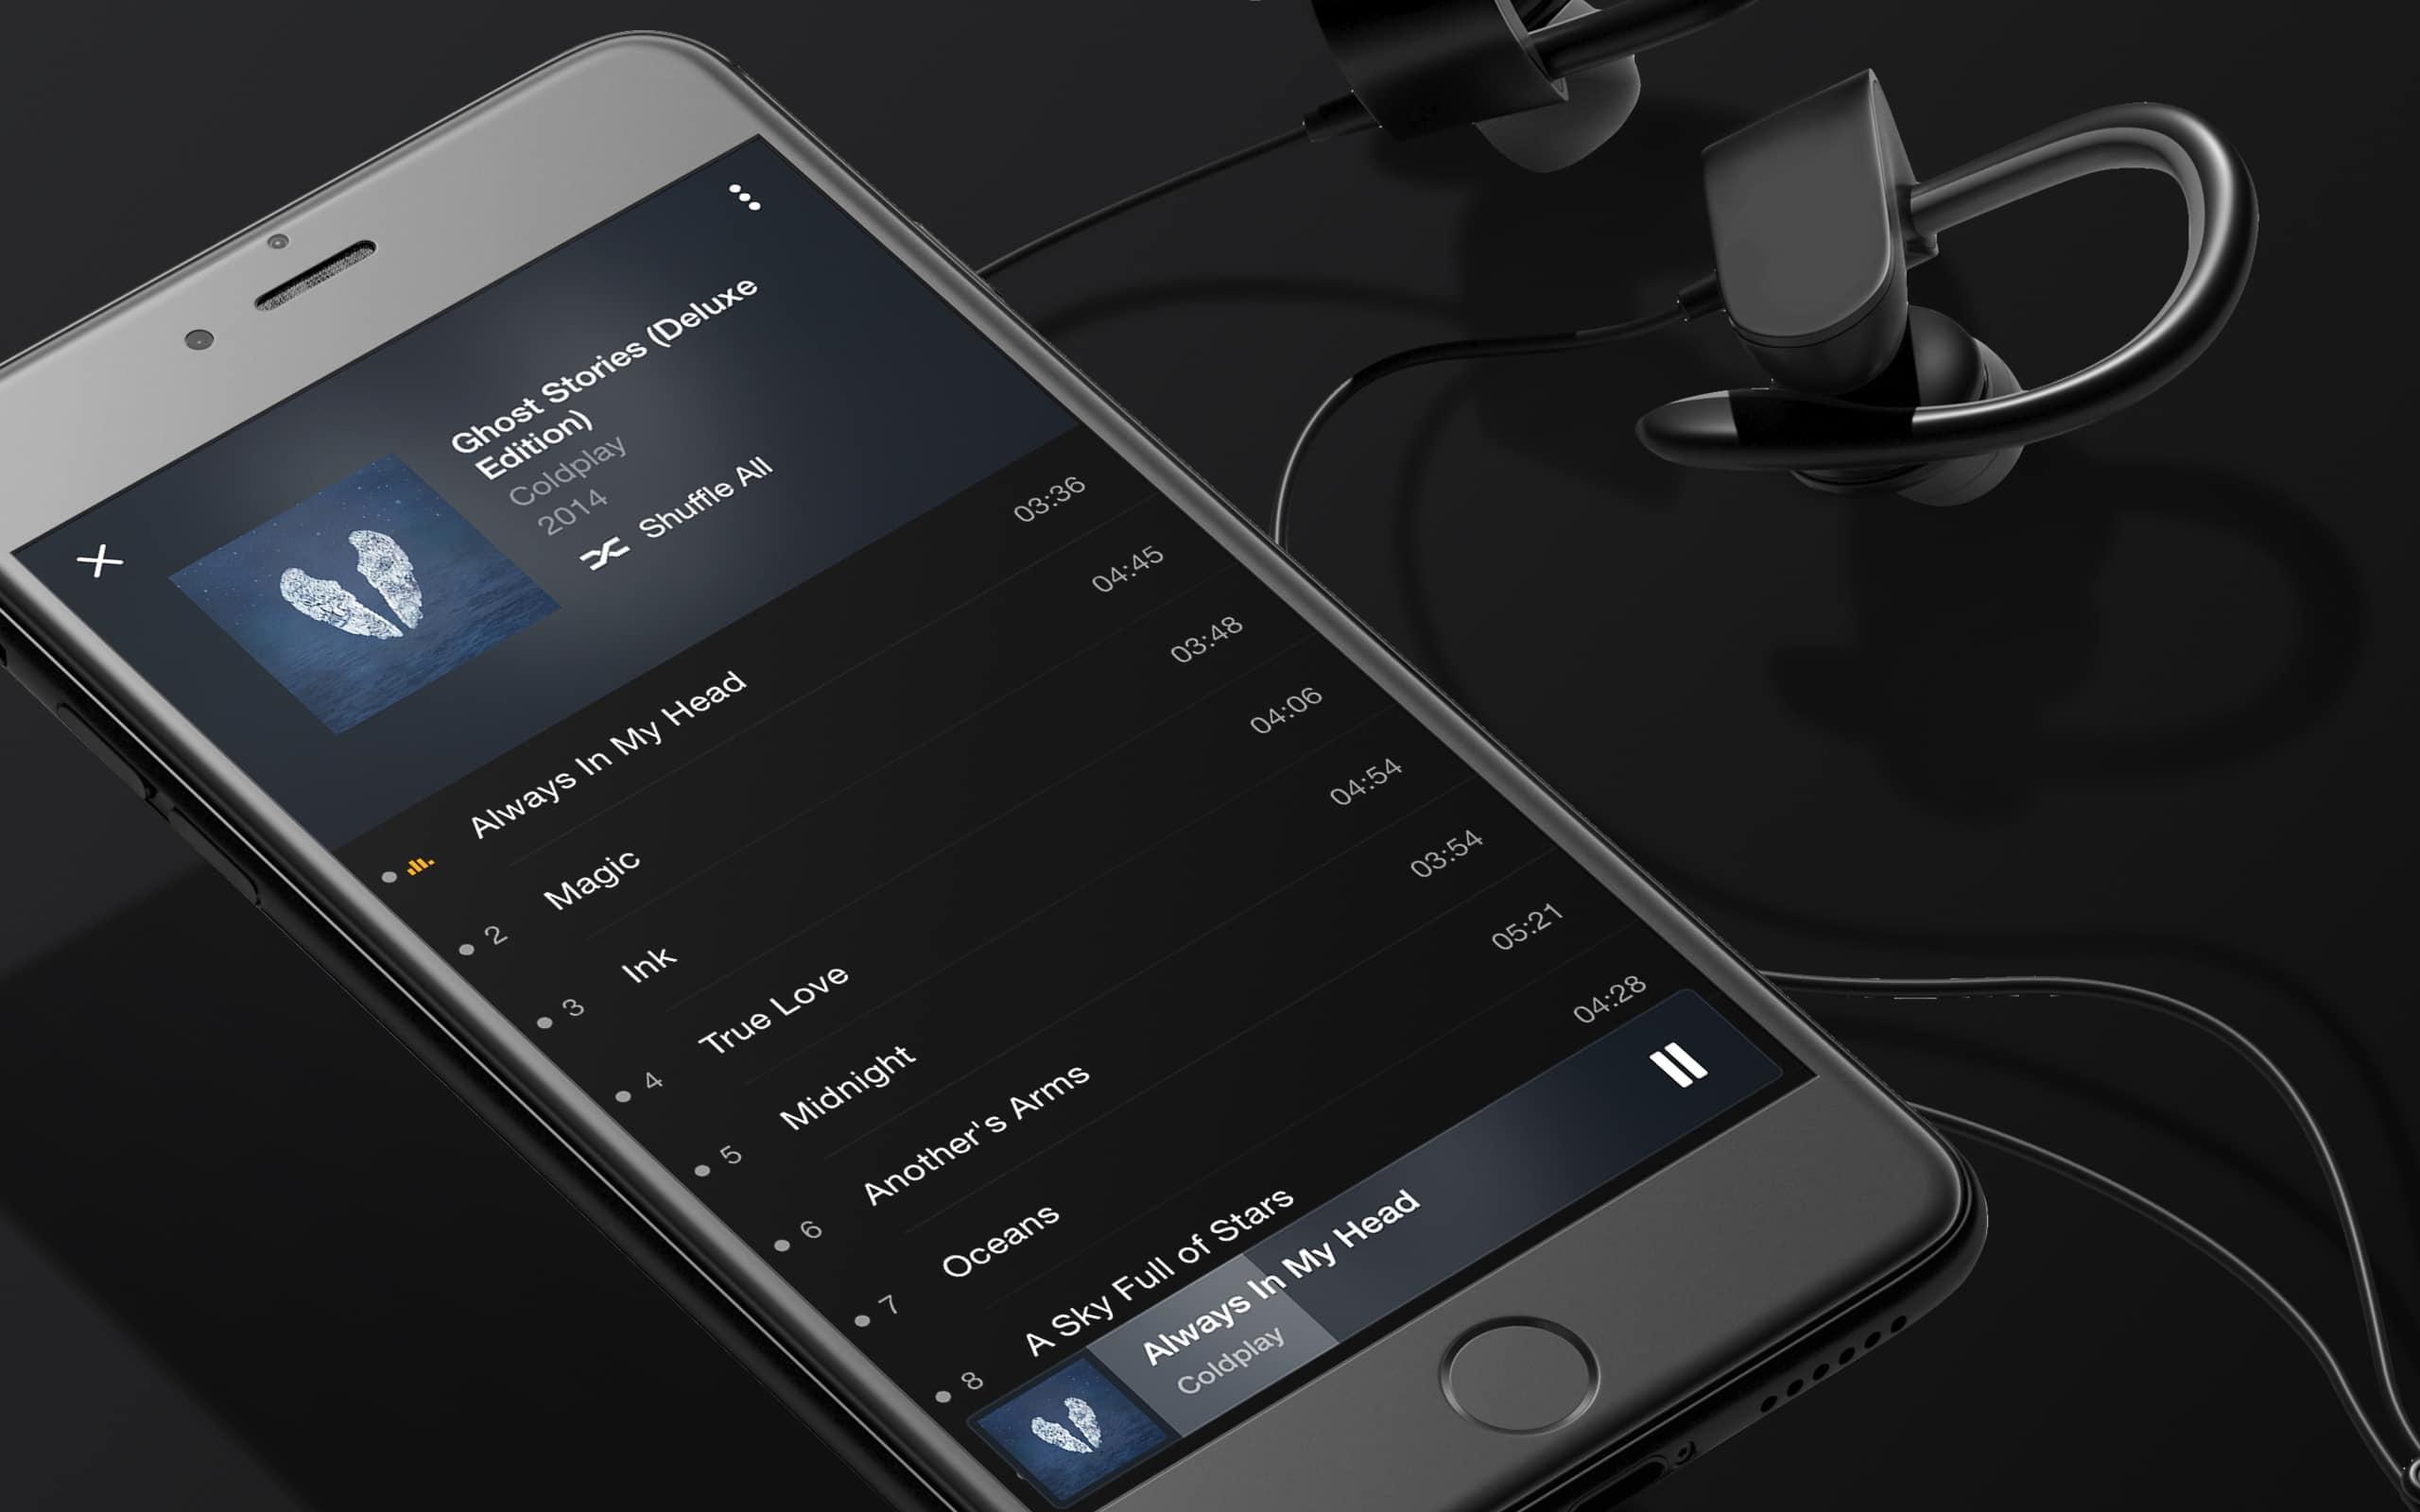 flac iphone iOS 11